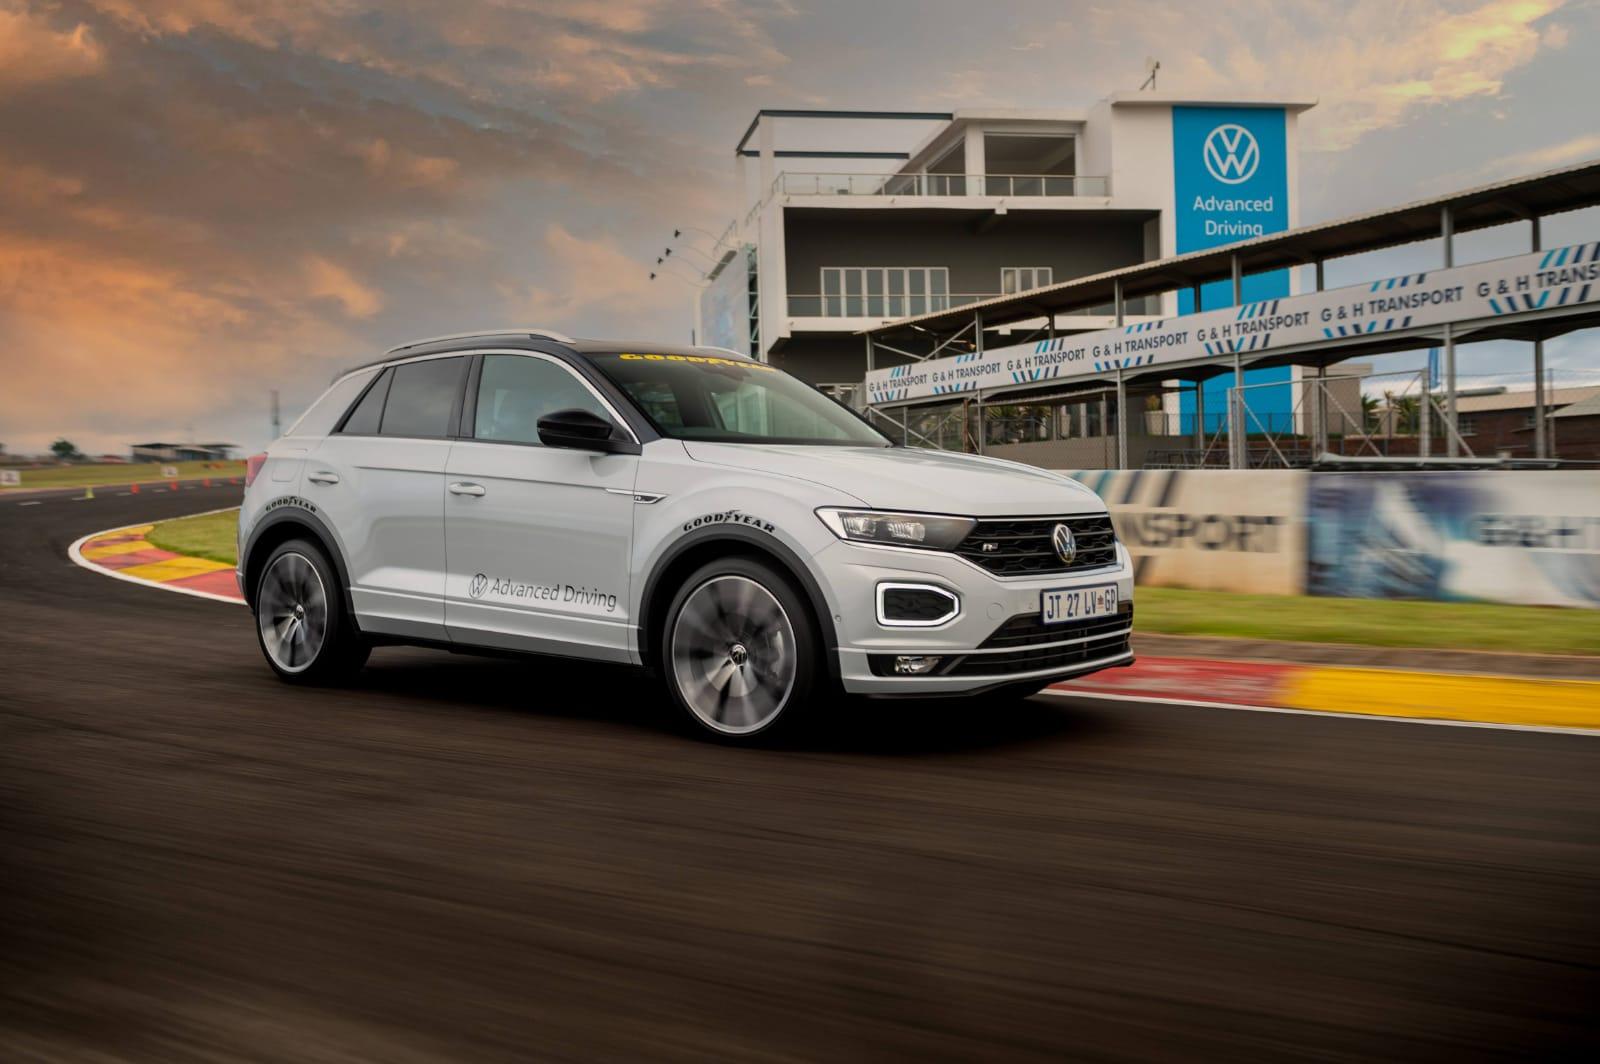 Volkswagen South Africa